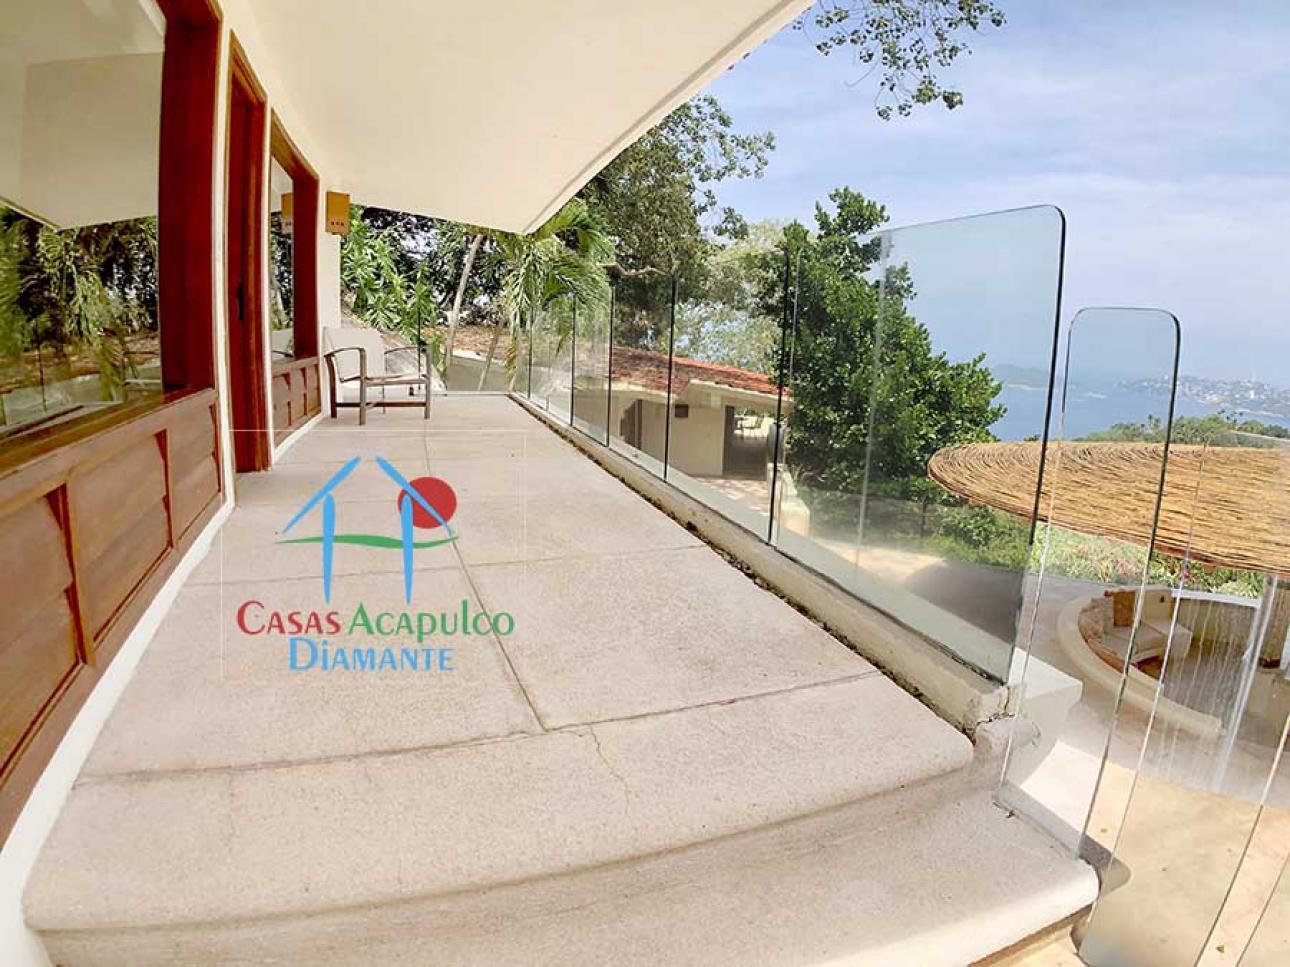 Casas Acapulco Diamante, Venta de Casa en Fraccionamiento Las Brisas 1   Acapulco